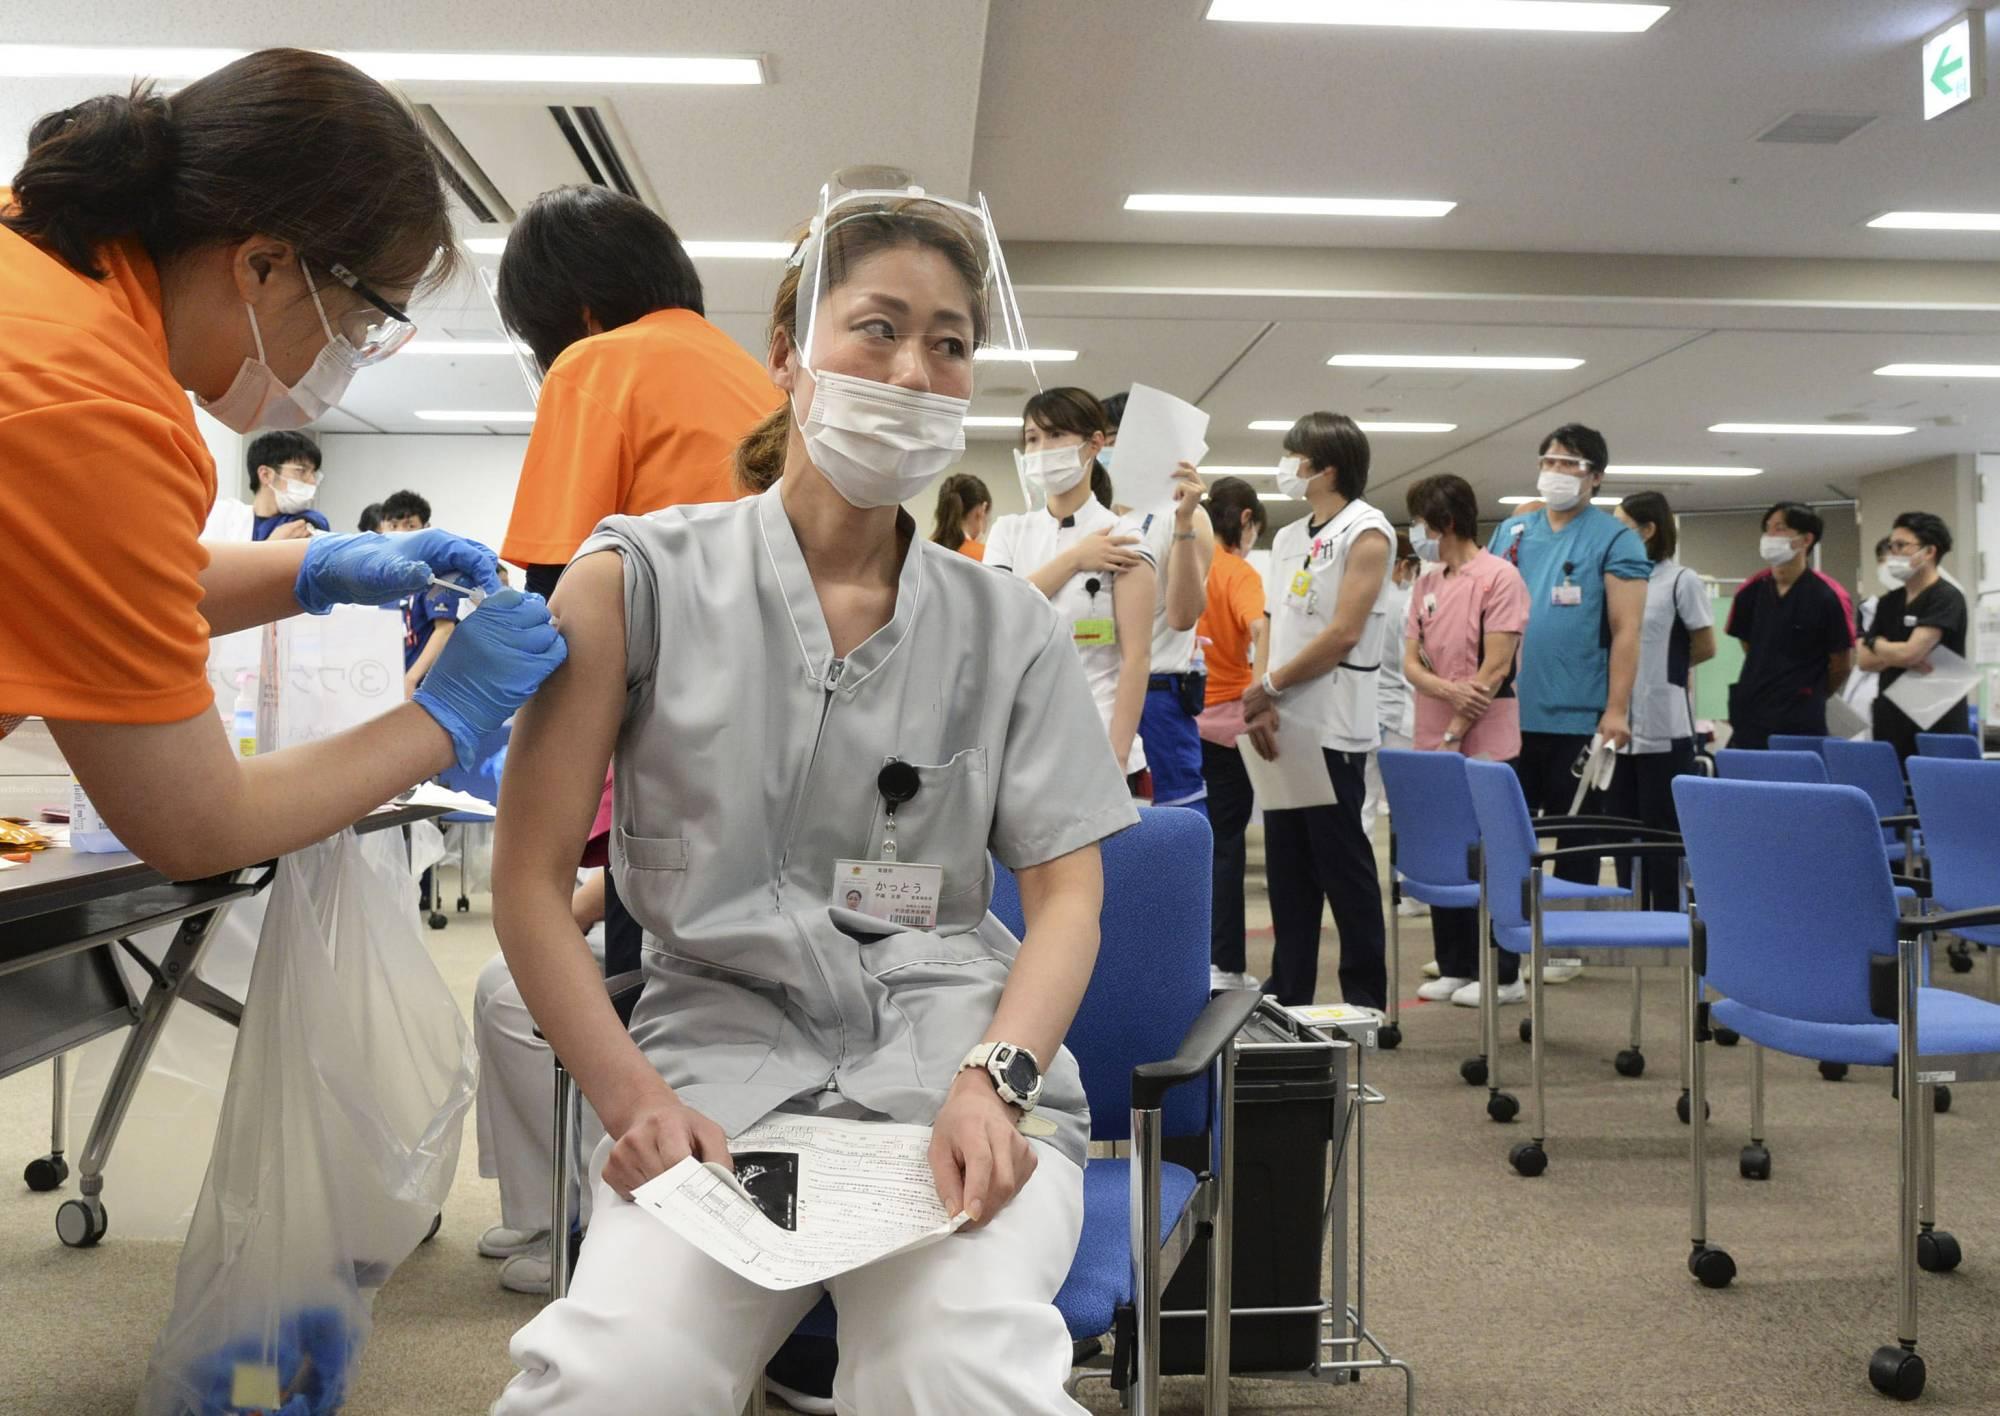 जापानले थप ५ करोड डोज कोरोनाको खोप आपुर्ती गर्ने